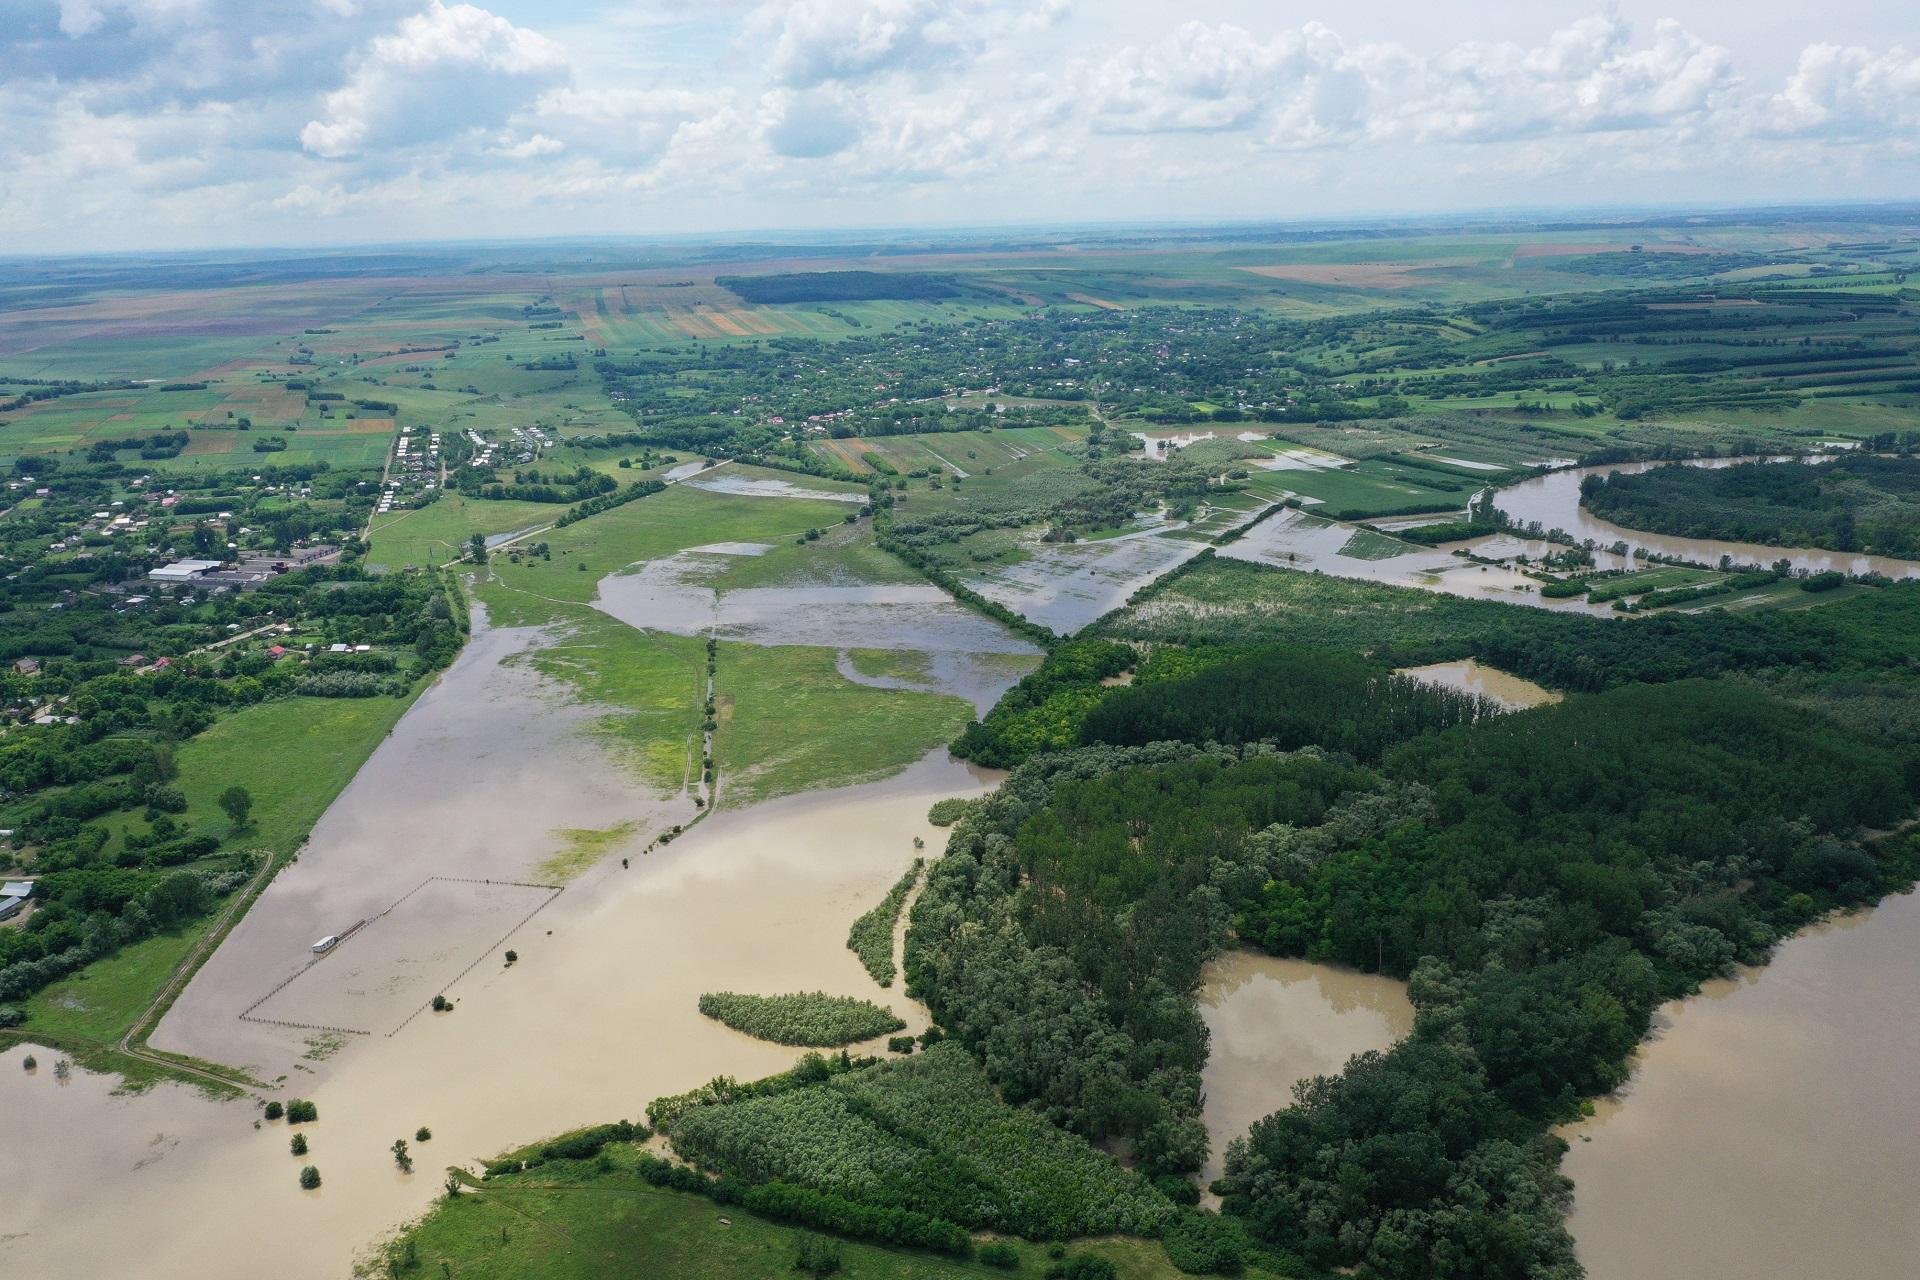 Avertizare Cod Portocaliu: Pericol de inundații pe râurile Negru, Olt, Dobrovăț și Vaslui. Harta zonelor afectate